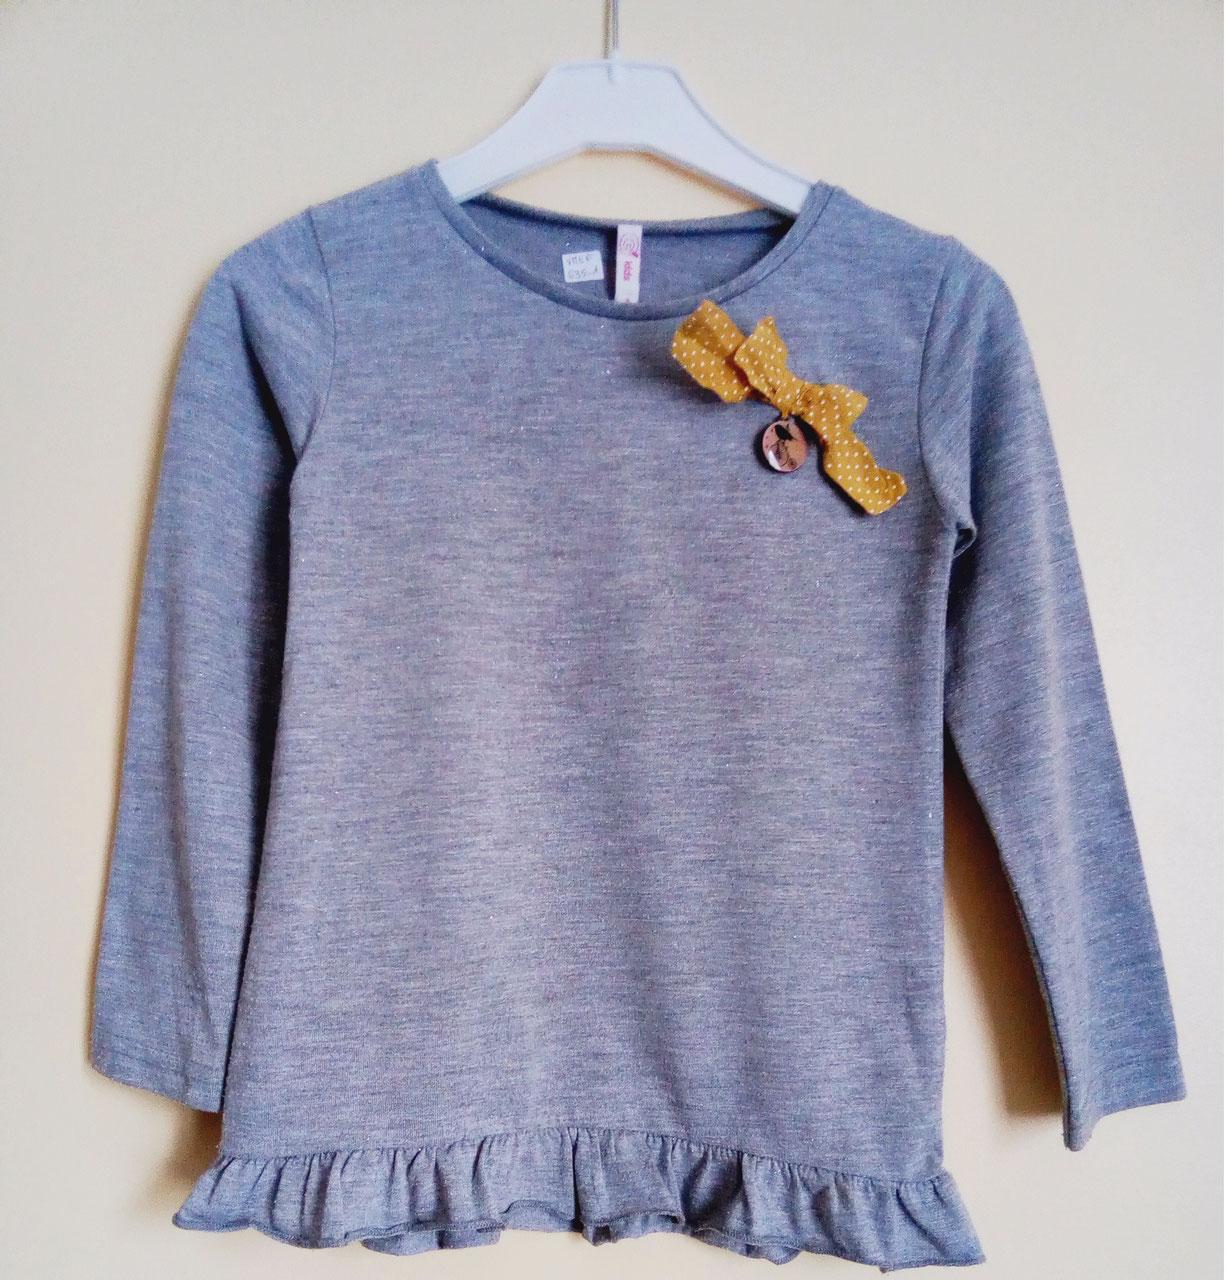 8c23f89b0c2 T-shirt à manches longues gémo fille 6 ans - Chipettes-et-Galopins ...